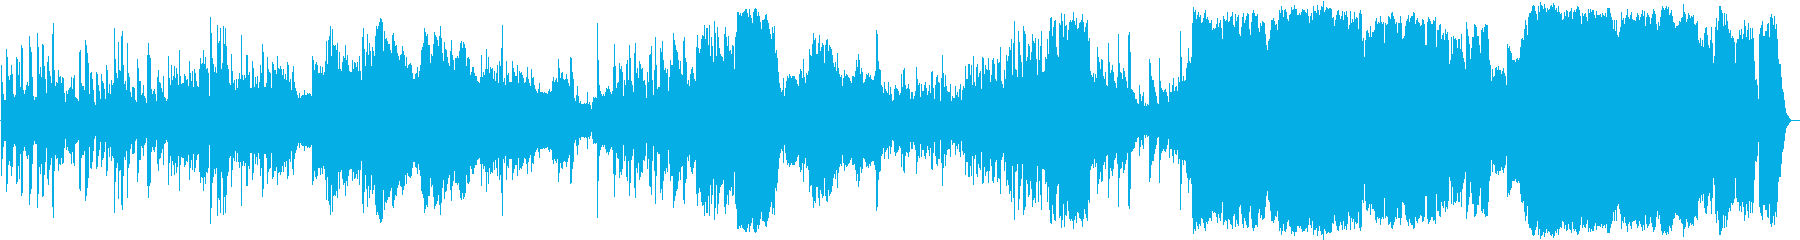 ほのぼのした感動的なオーケストラの再生済みの波形